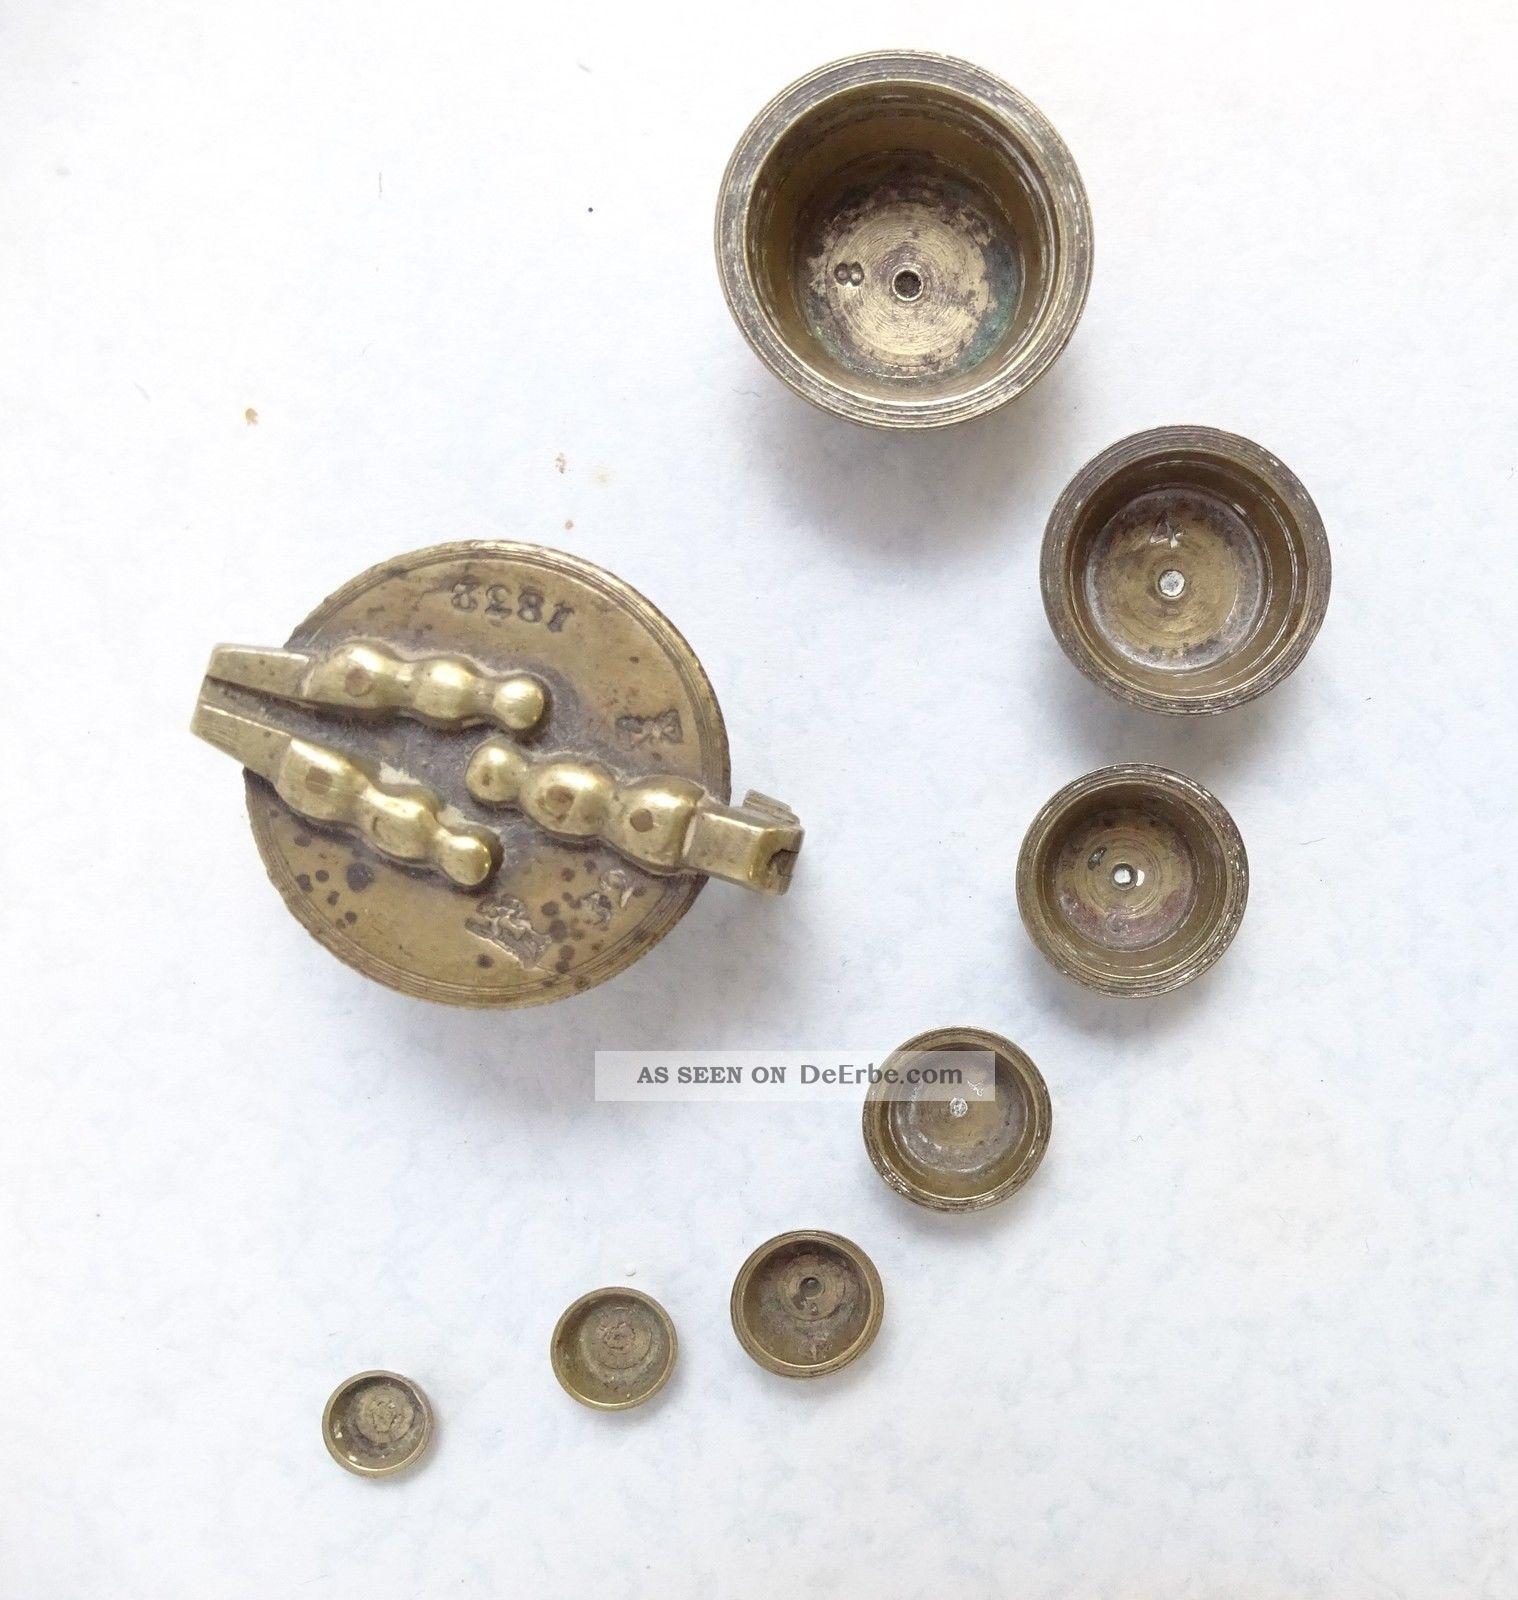 Antikes Biedermeier Bechergewicht Gewicht 1832 Mehrfach Punziert Gewichtssatz Kaufleute & Krämer Bild